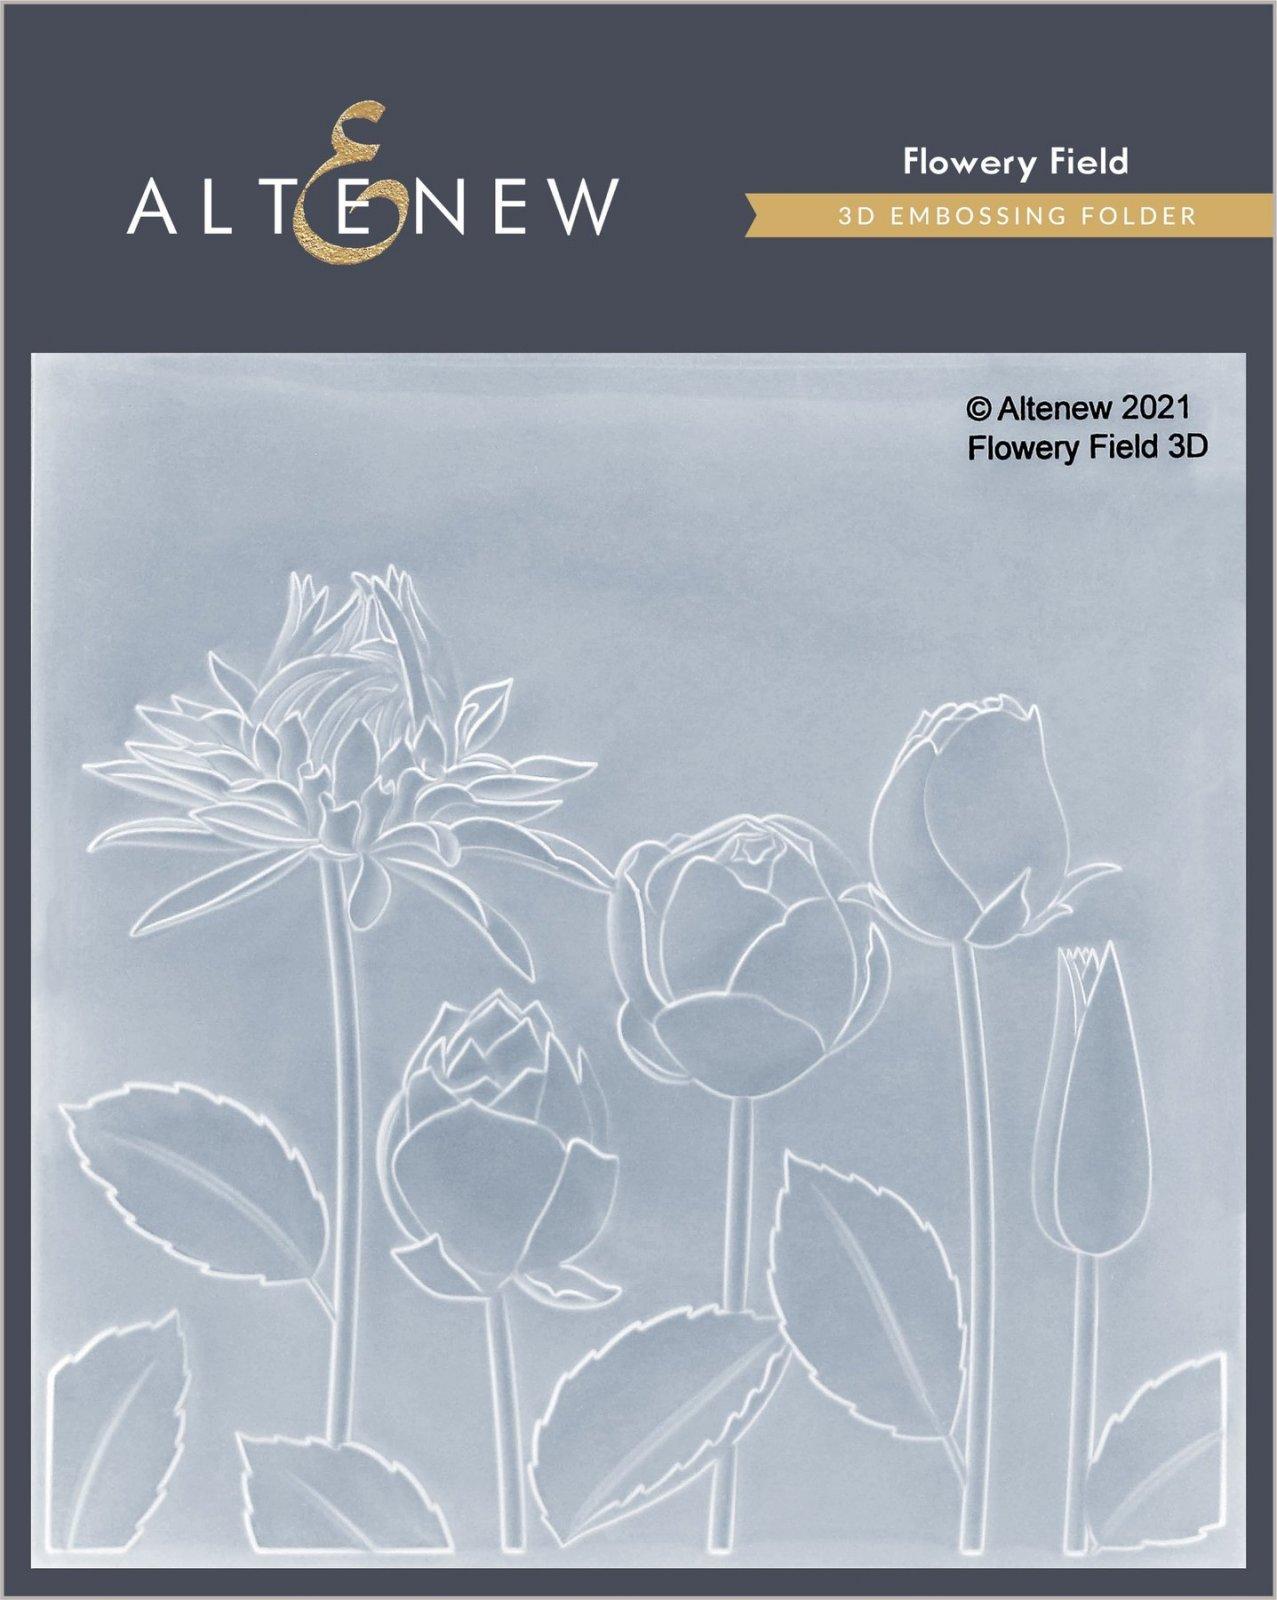 Altenew - Flowery Field 3D Embossing Folder